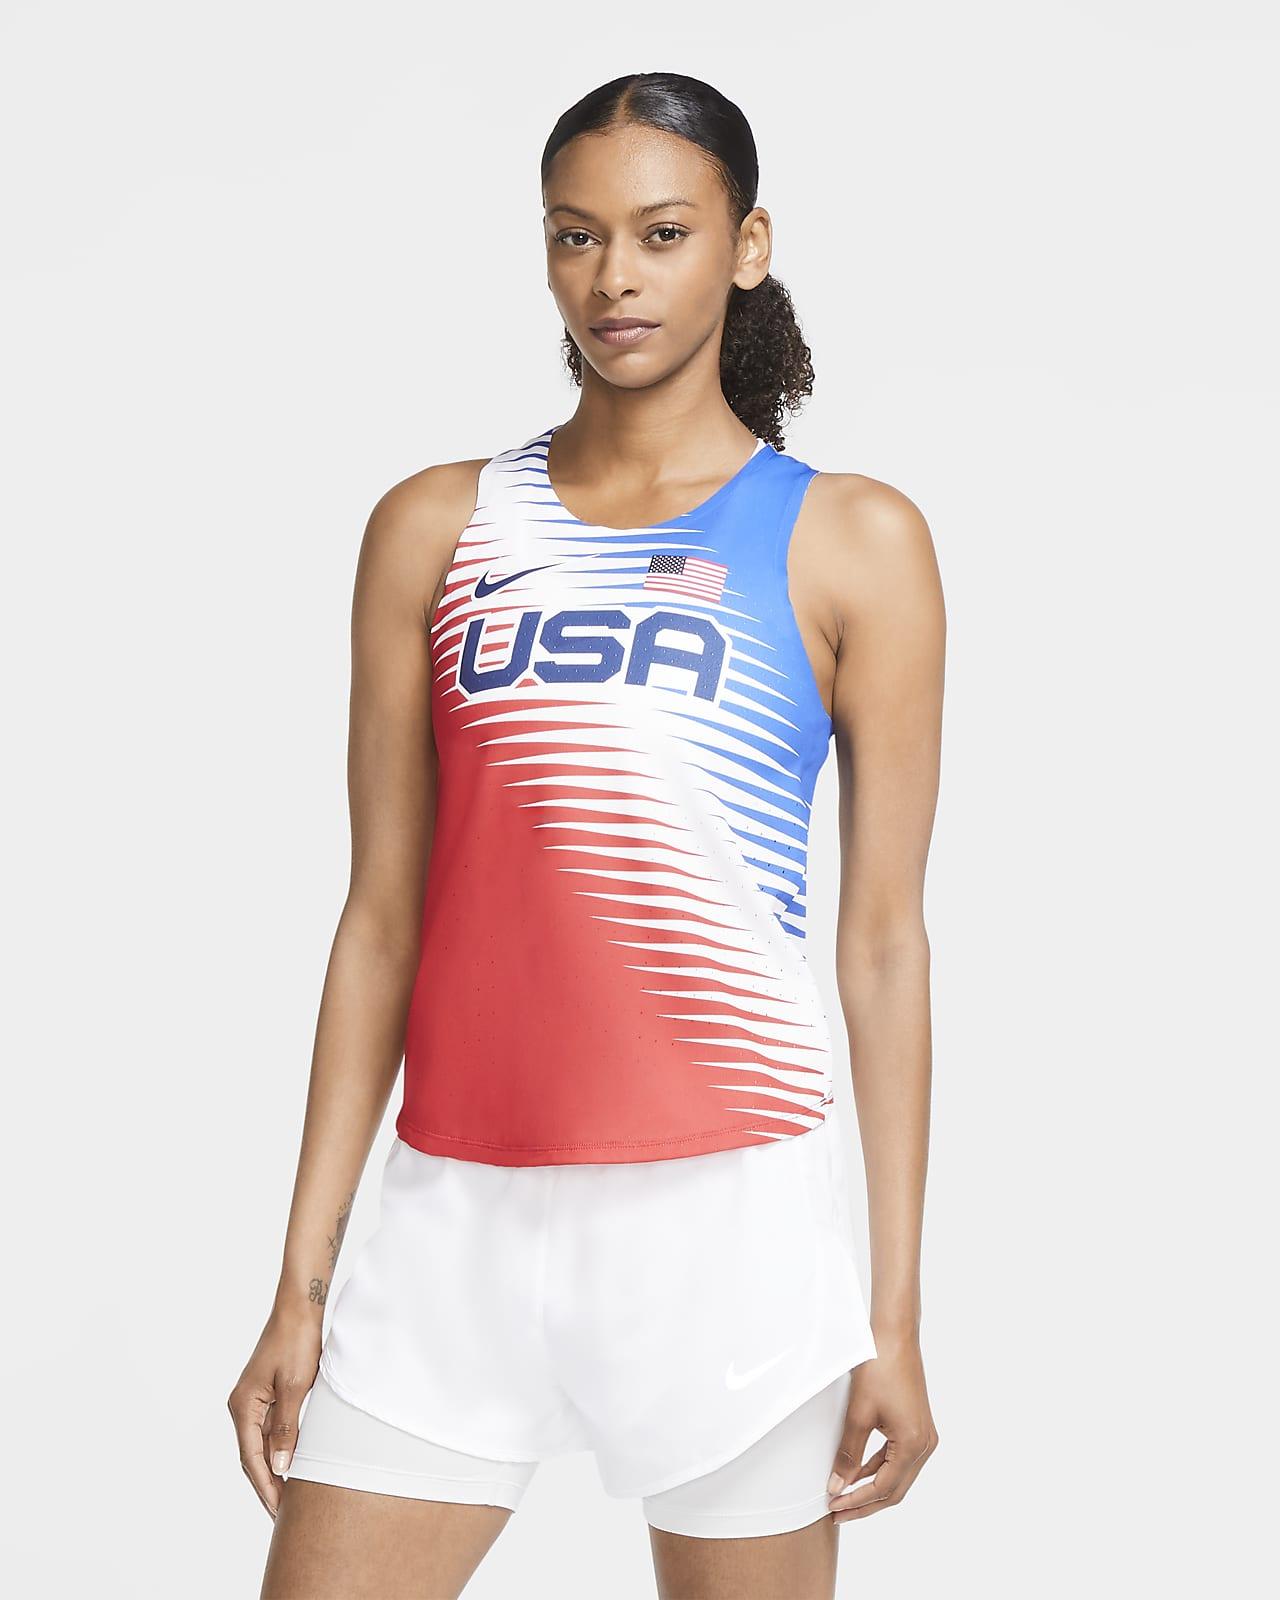 Γυναικεία φανέλα για τρέξιμο Nike Dri-FIT ADV Team ΗΠΑ AeroSwift